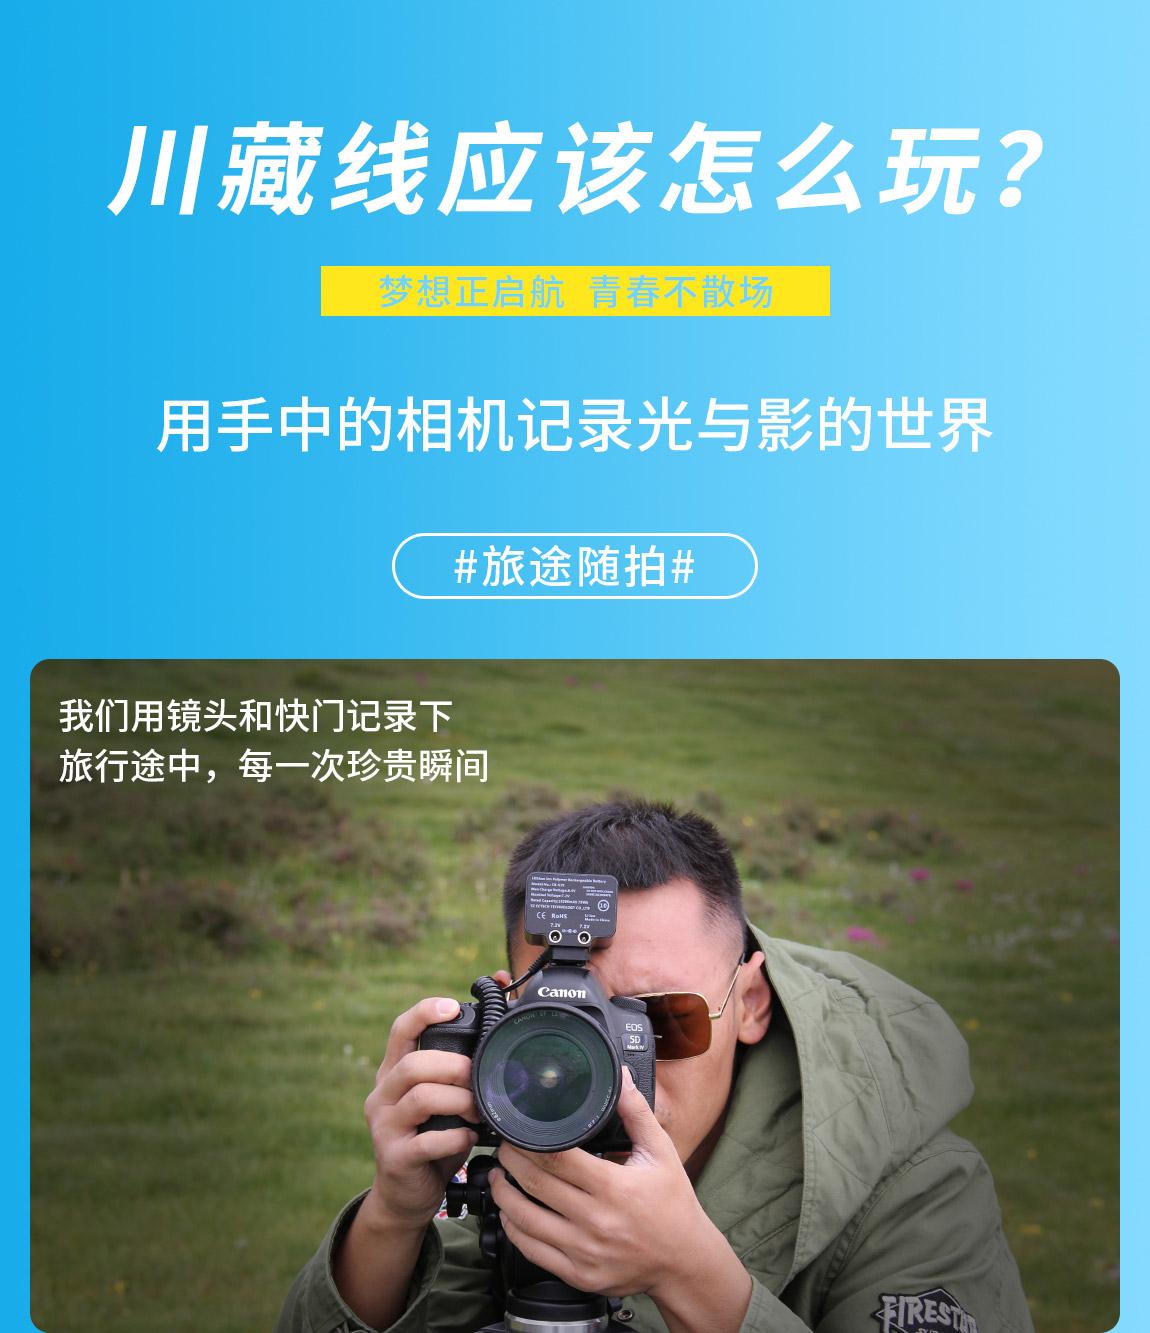 川藏线旅游拼车 (2)